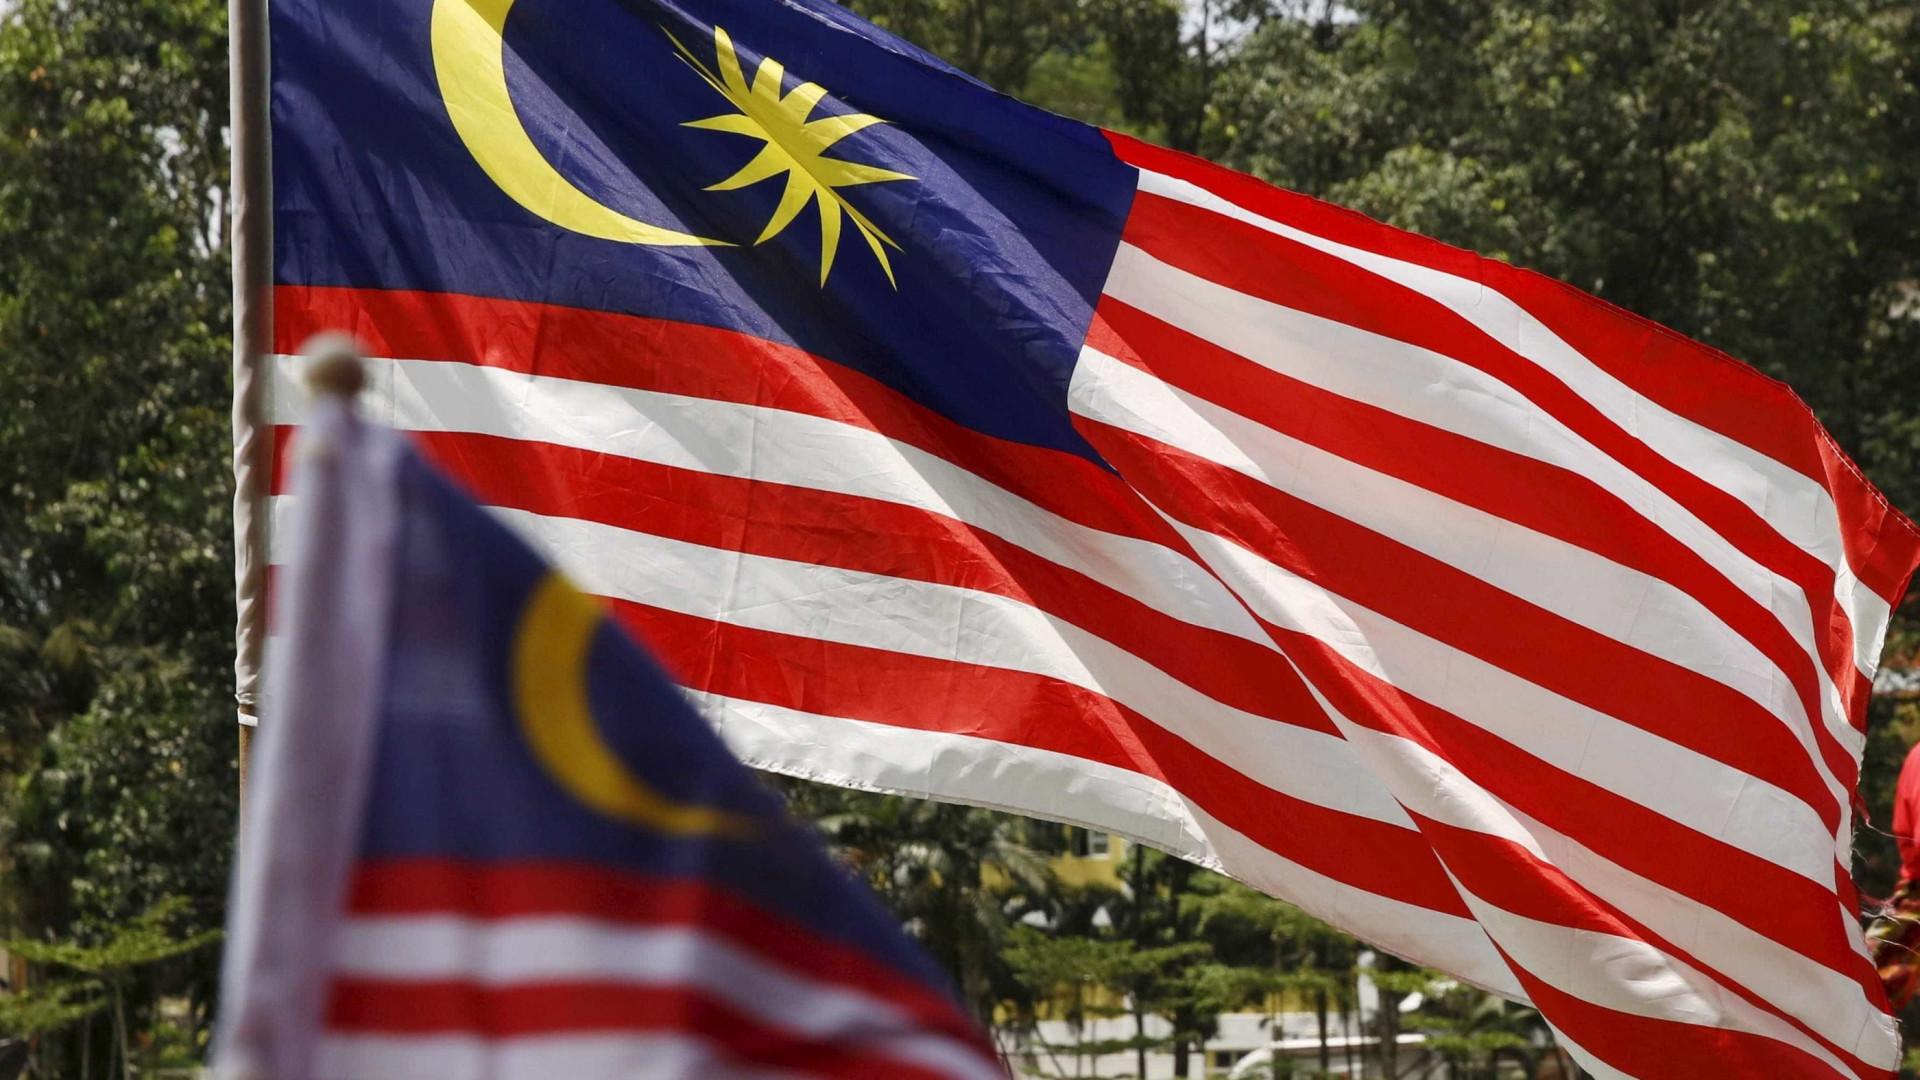 Seis mergulhadores morrem a tentar resgatar adolescente na Malásia